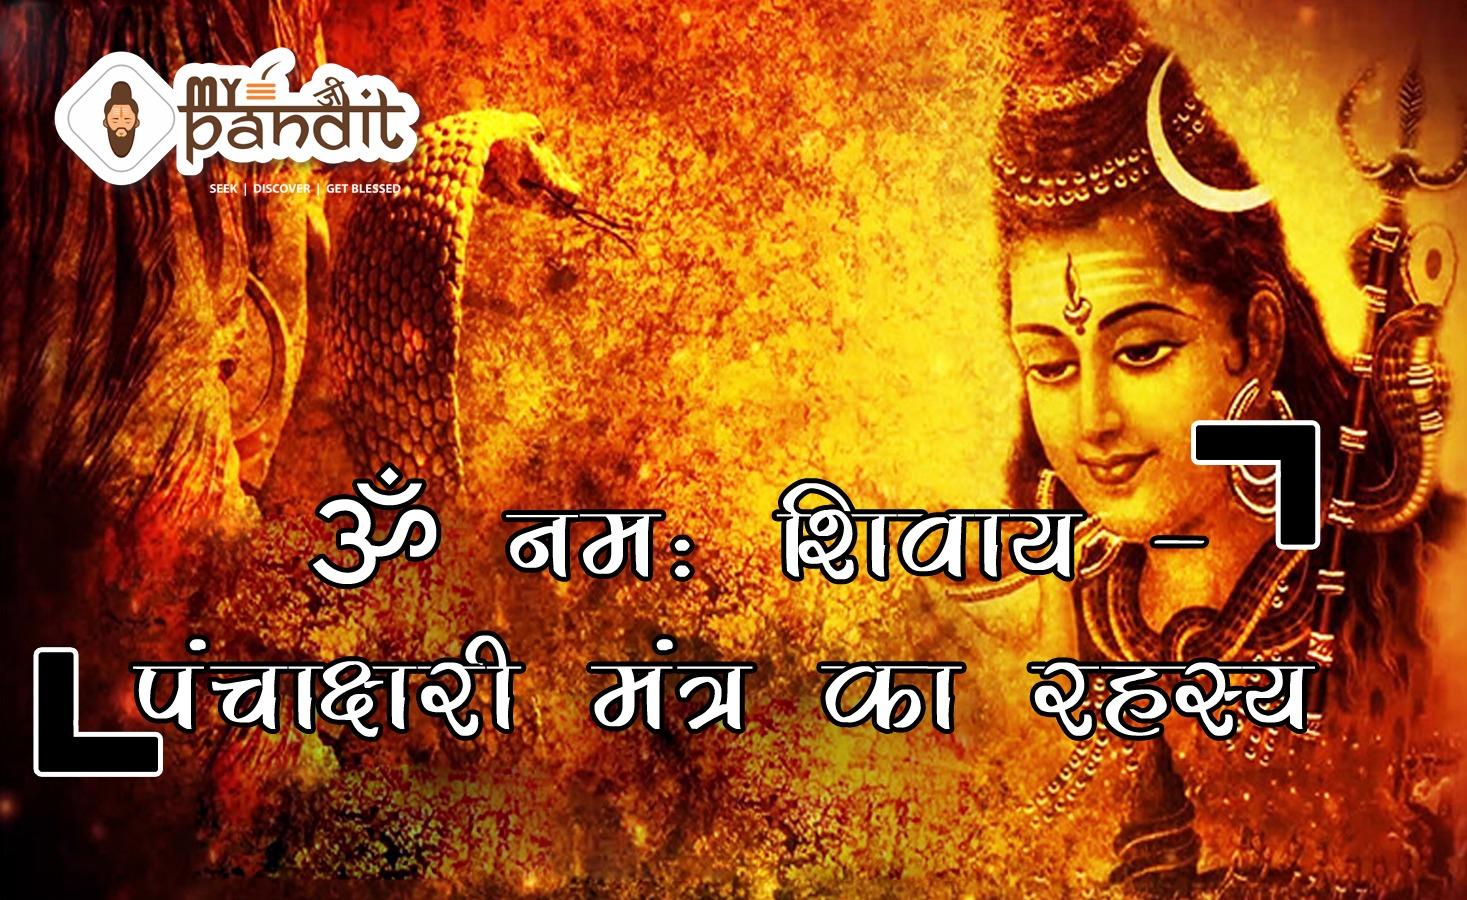 shiv panchsha